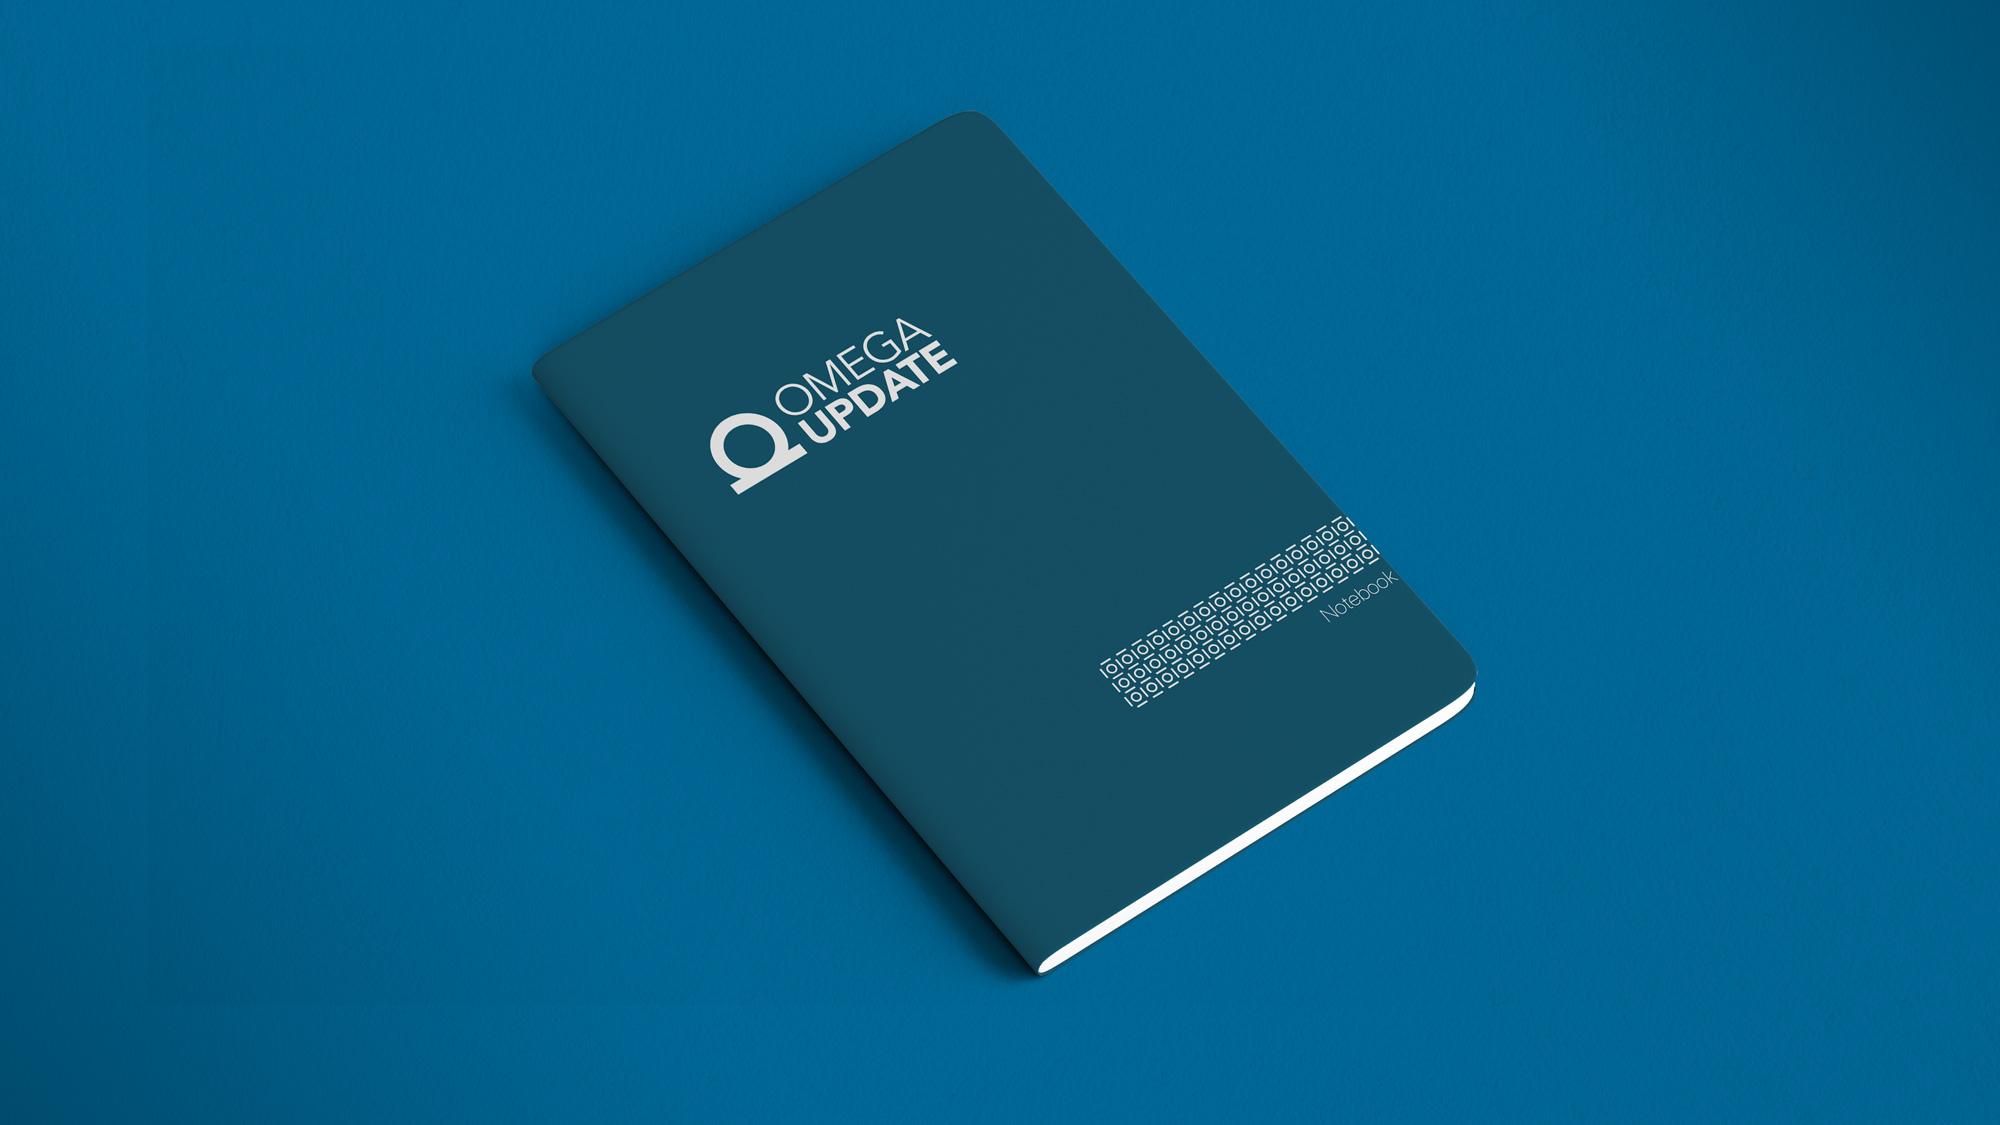 Omega Update note book